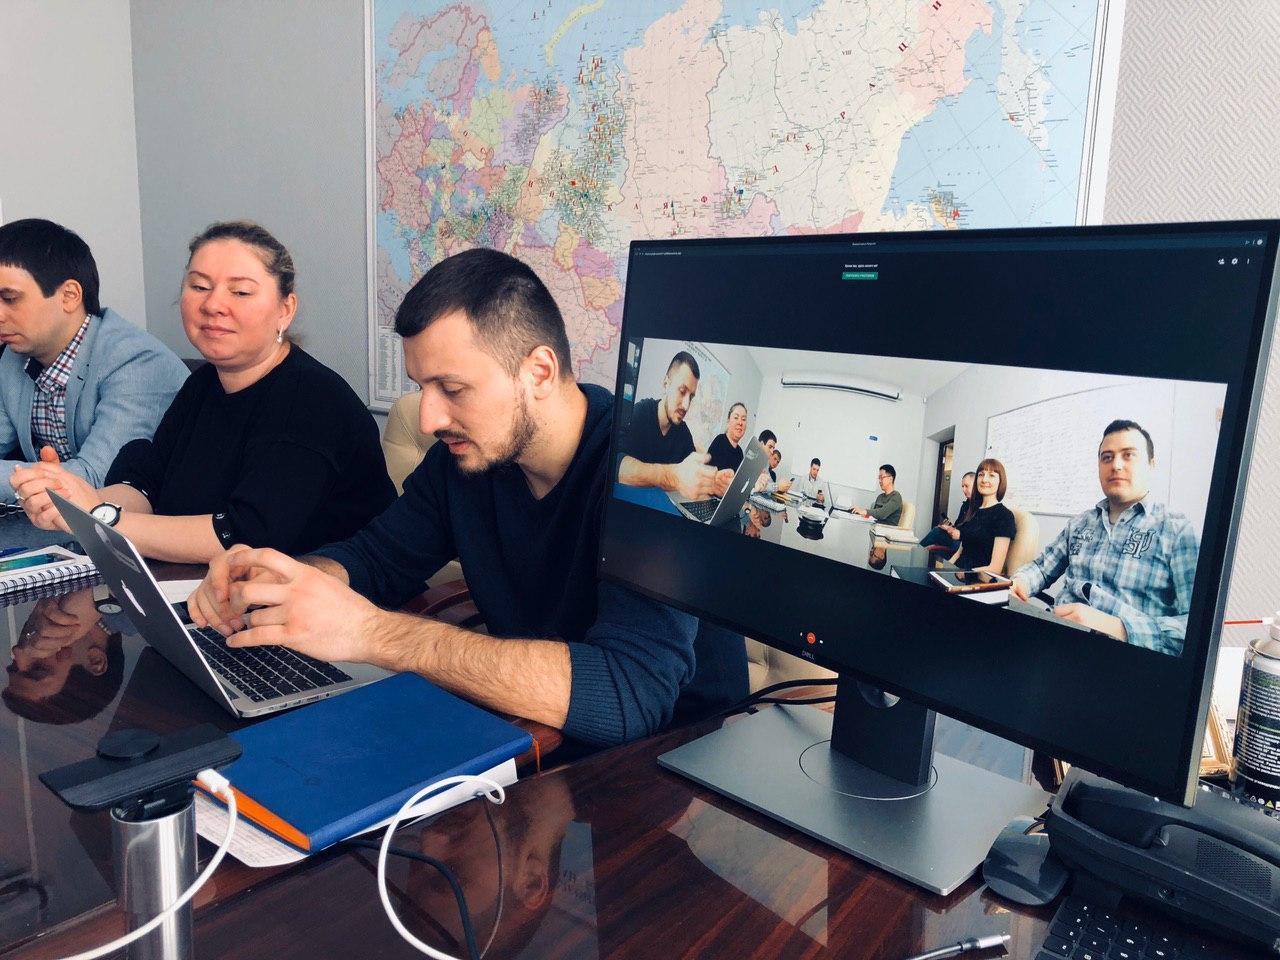 Собрал на Jabra Panacast комбайн для видеоконференций, плюс и минусы для офиса и дома — IT-МИР. ПОМОЩЬ В IT-МИРЕ 2021